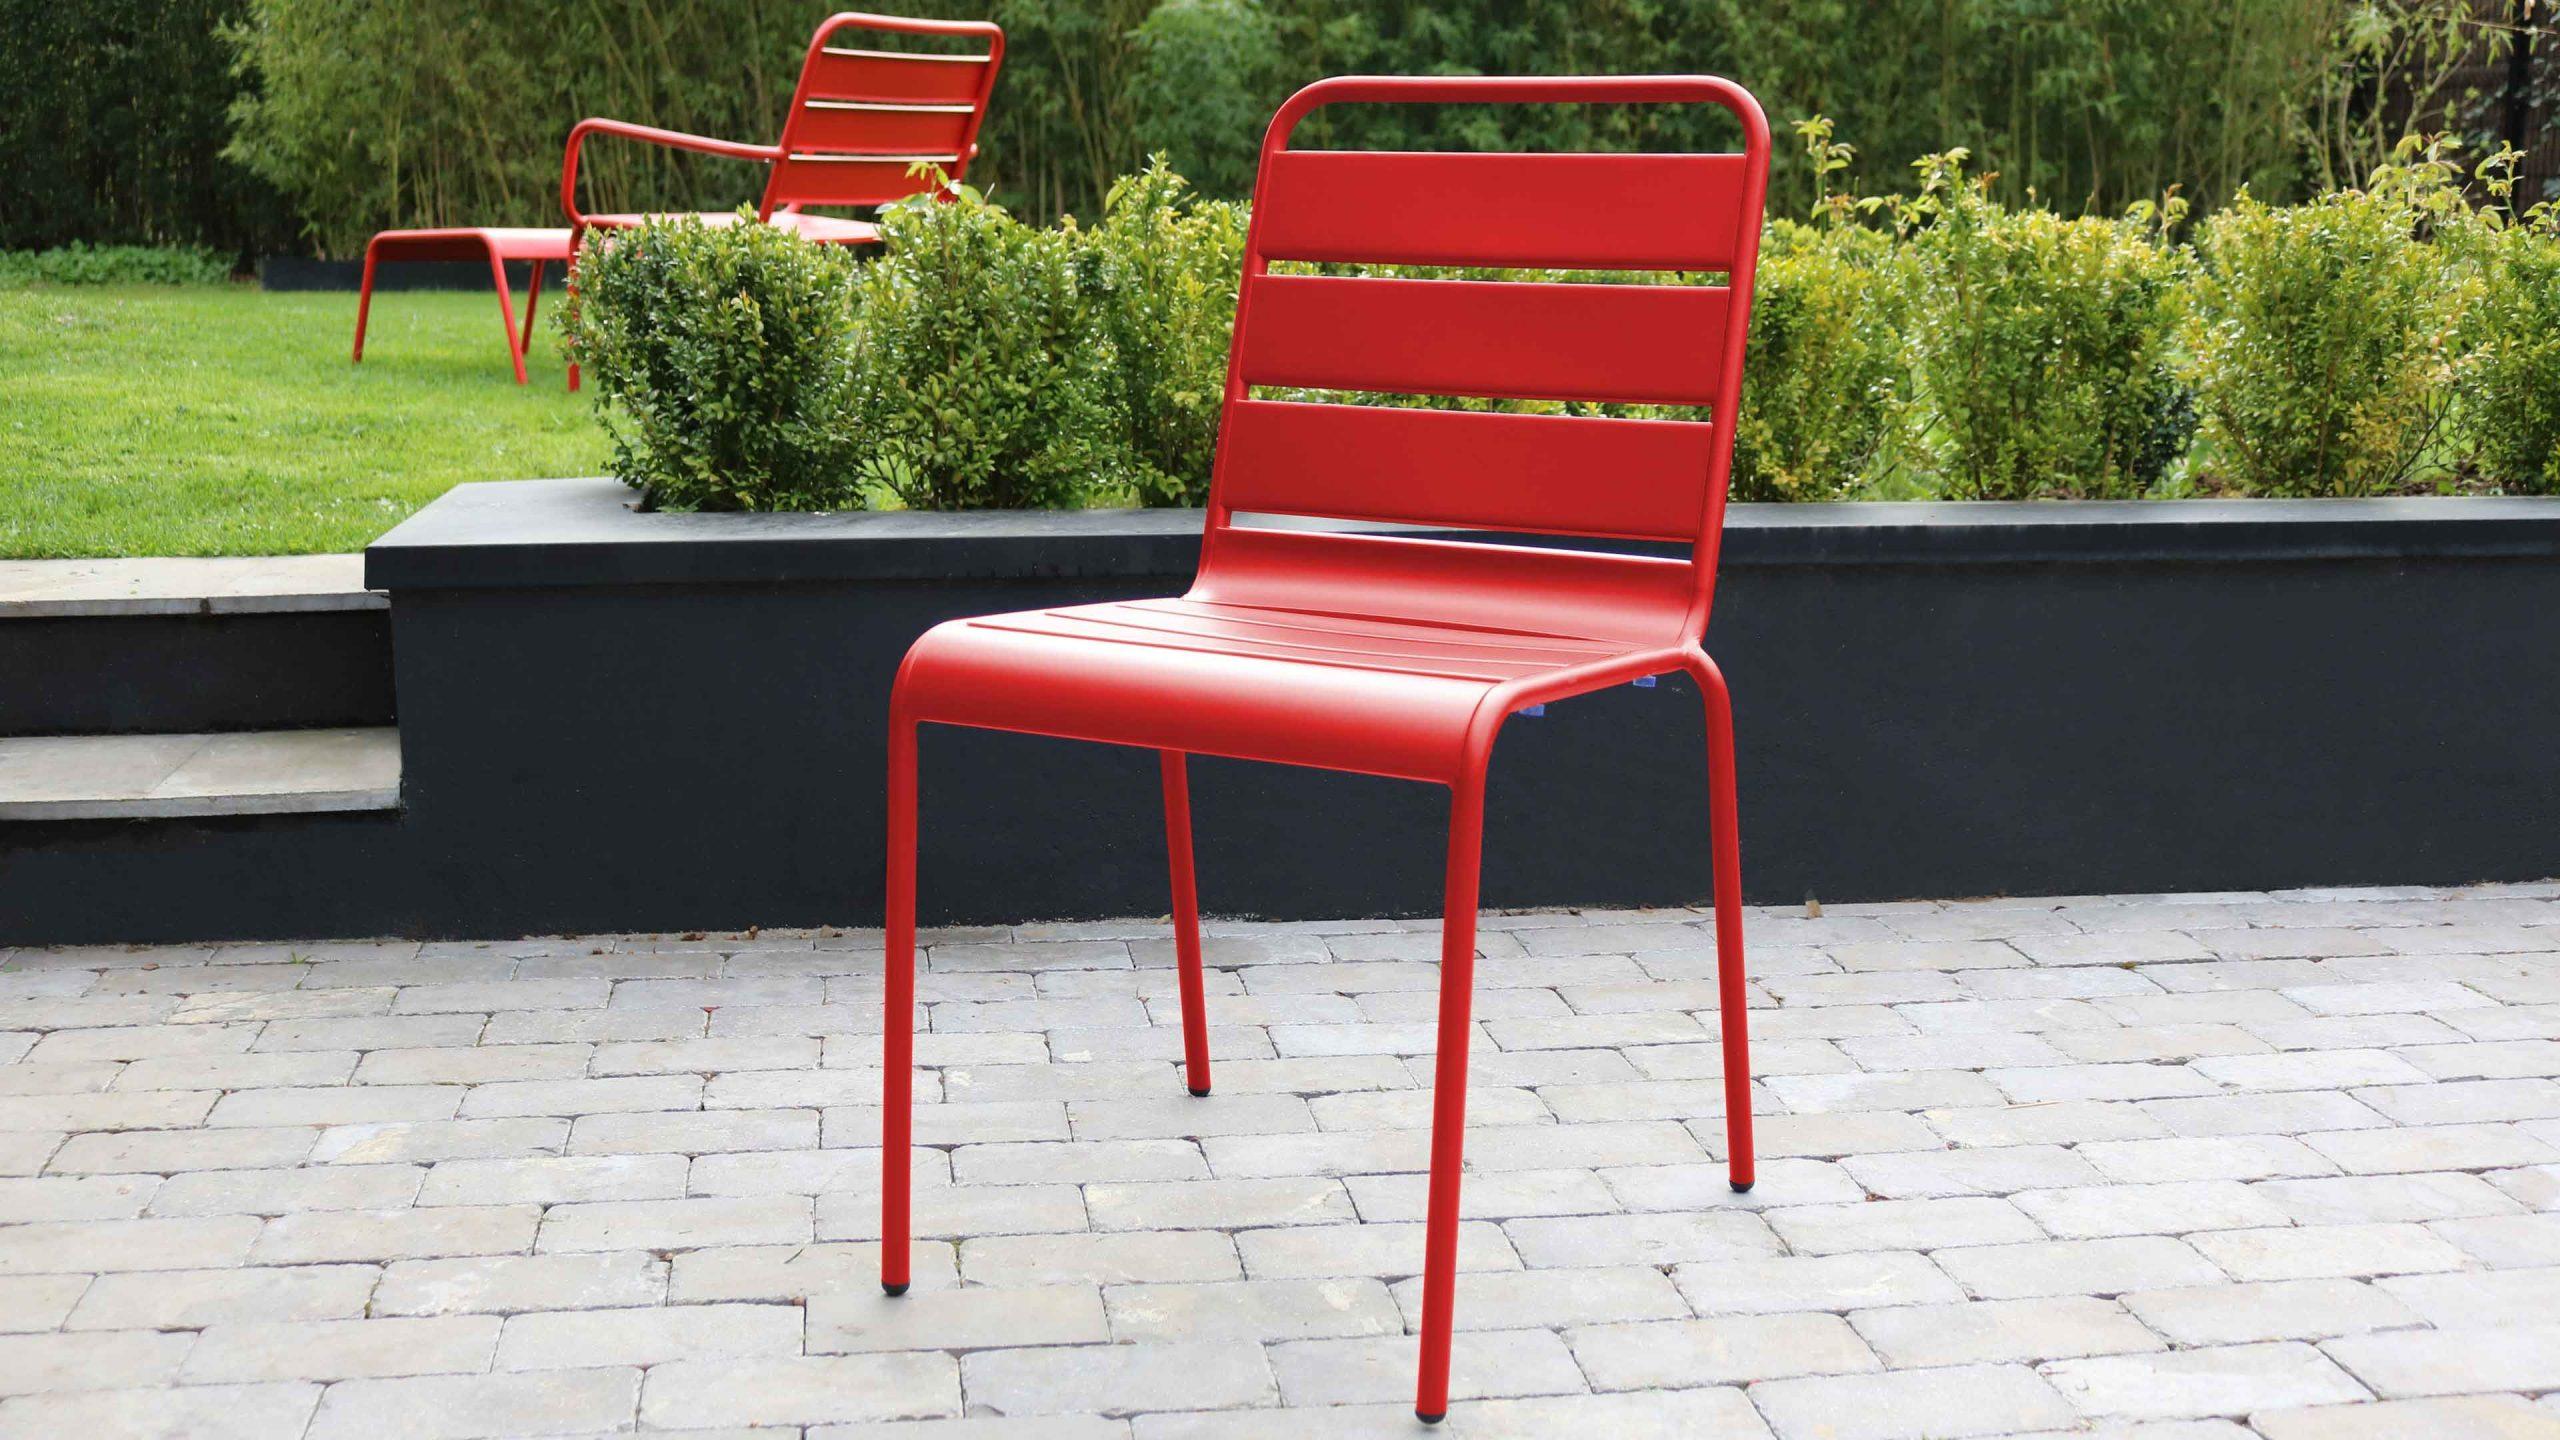 Salon De Jardin : Le Rouge Nous Inspire Pour Un Extérieur ... concernant Salon De Jardin Métal Coloré